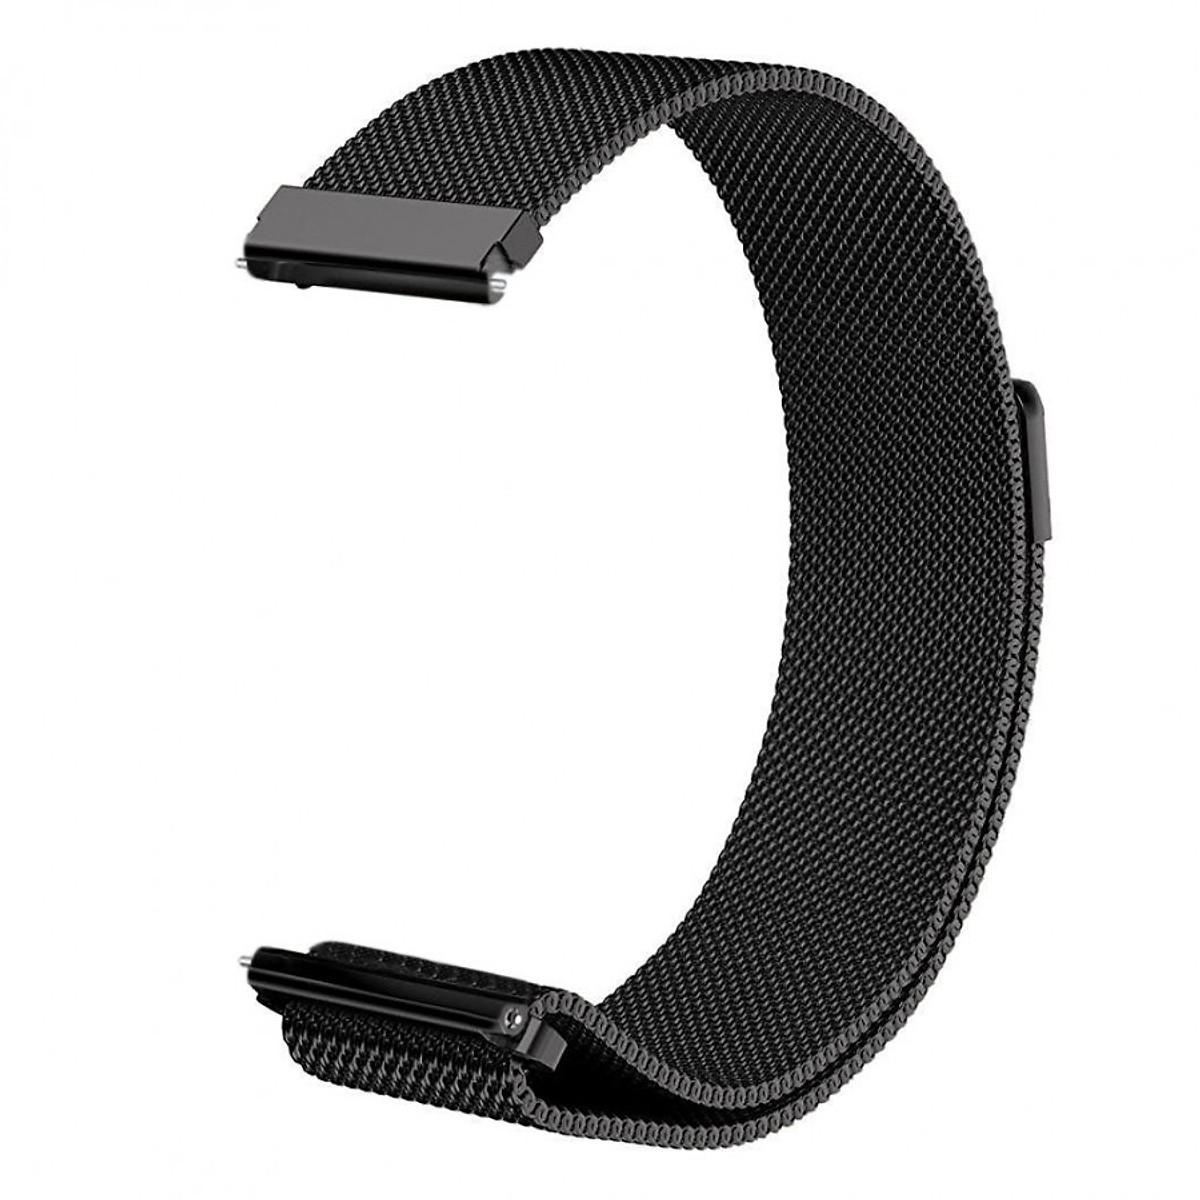 Dây đồng hồ 22mm lưới thép cho đồng hồ Gear Sport, Gear S3, S3Classic, Galaxy Watch 46mm - Đen -Hàng nhập khảu